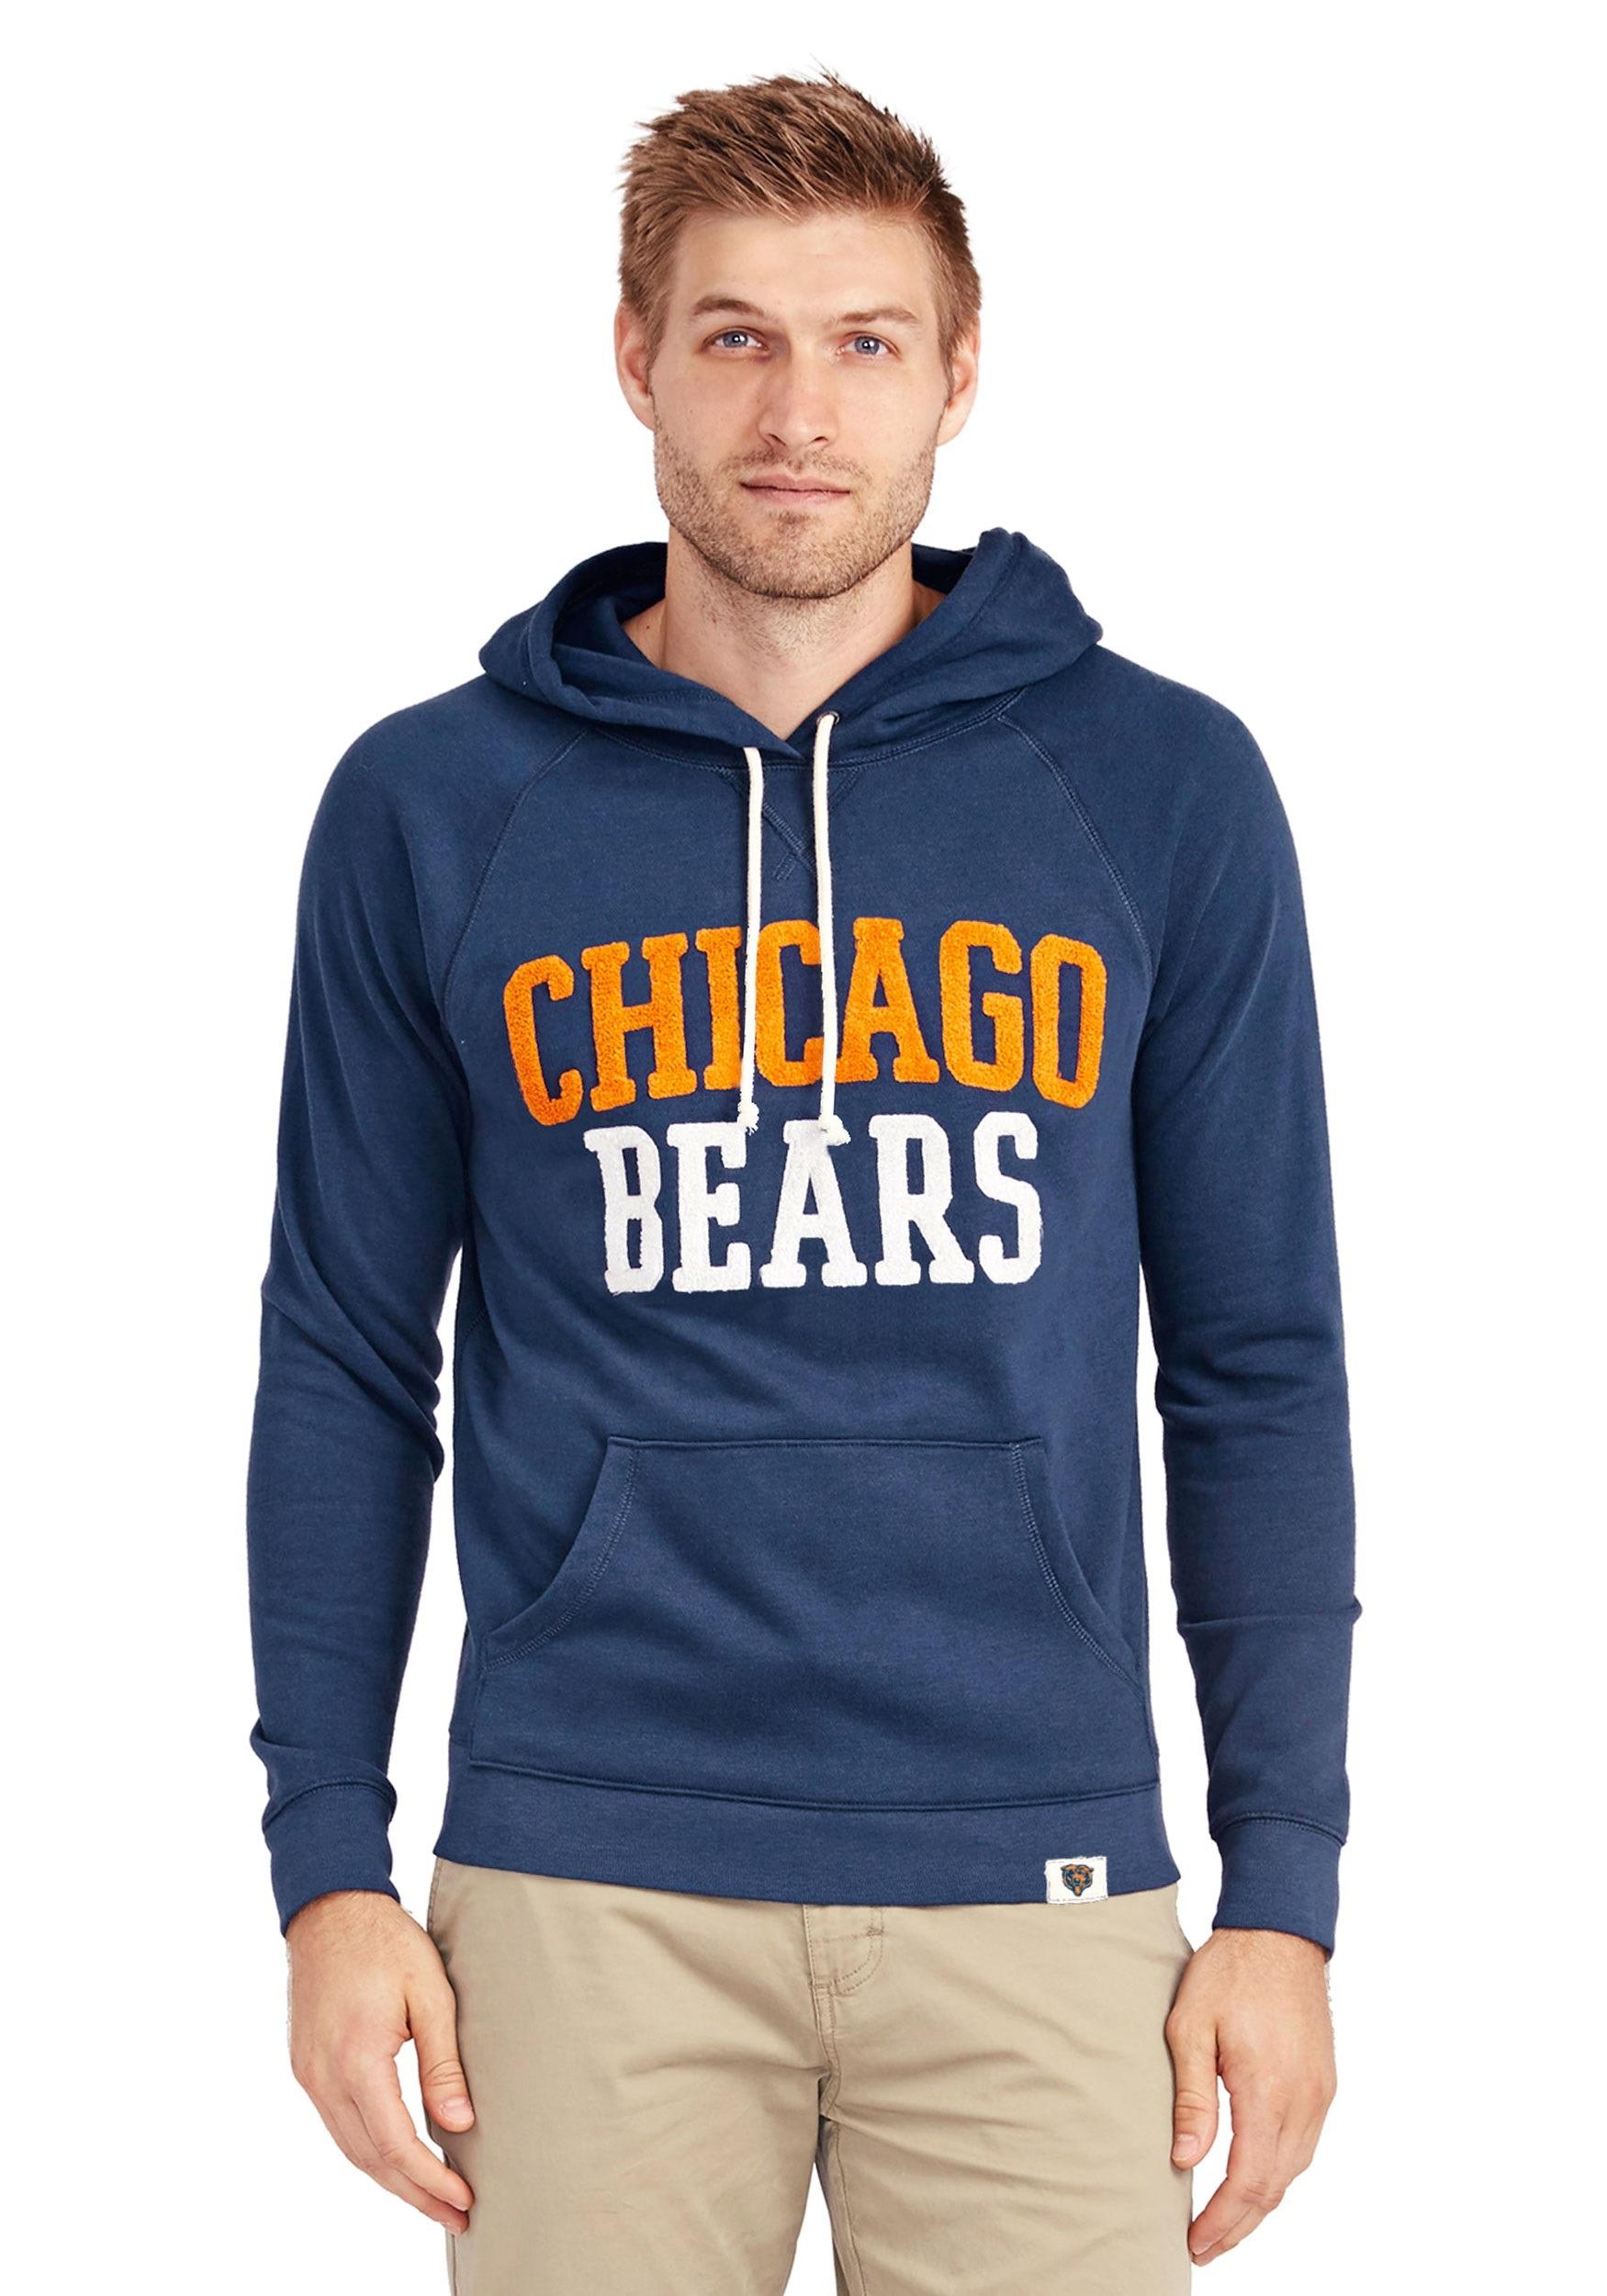 Chicago bears hoodie men